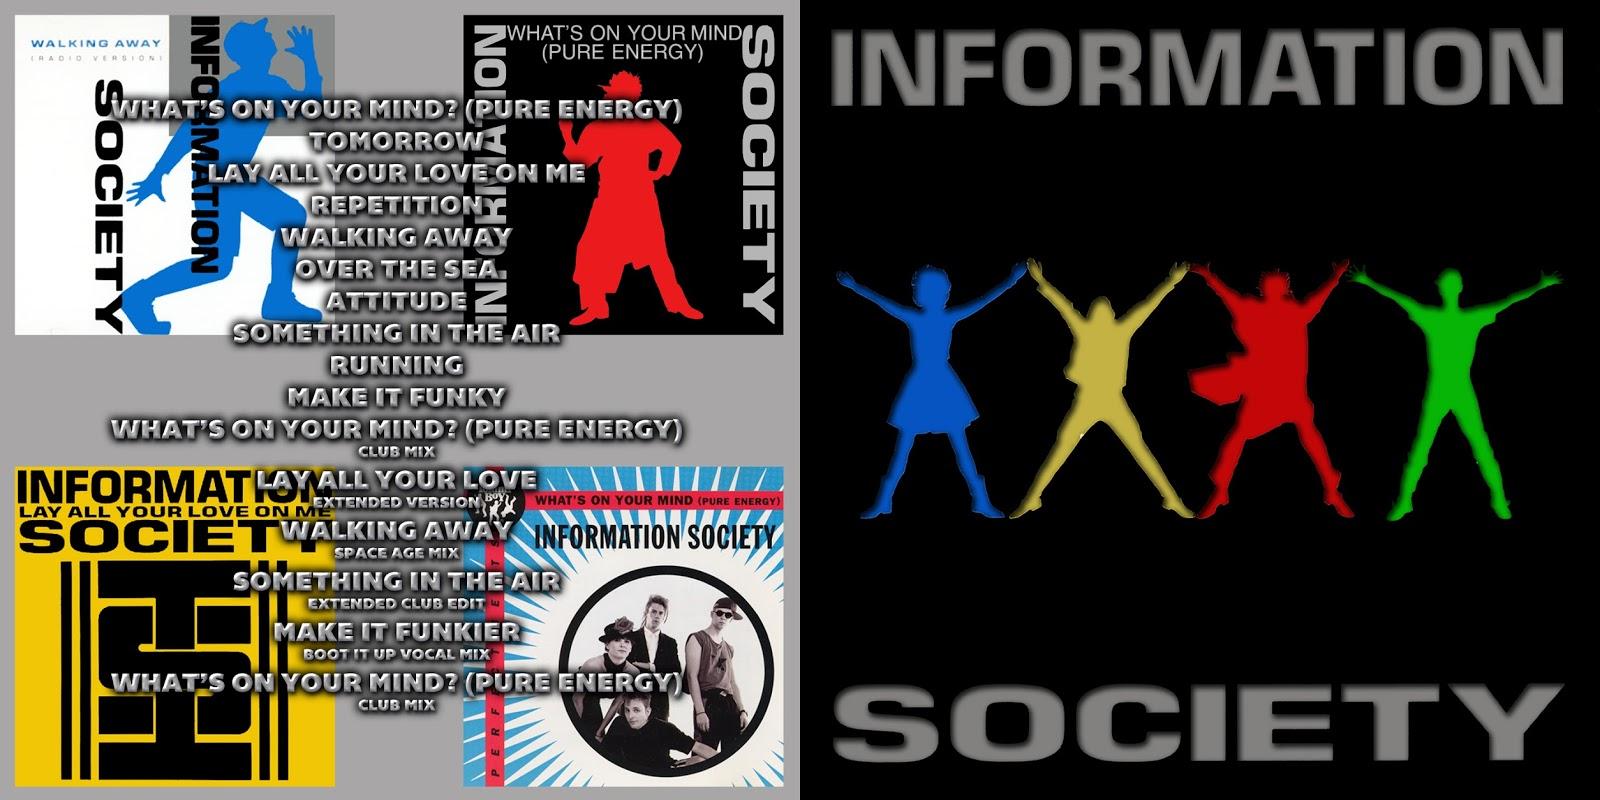 Information Society - Running (Part 2)